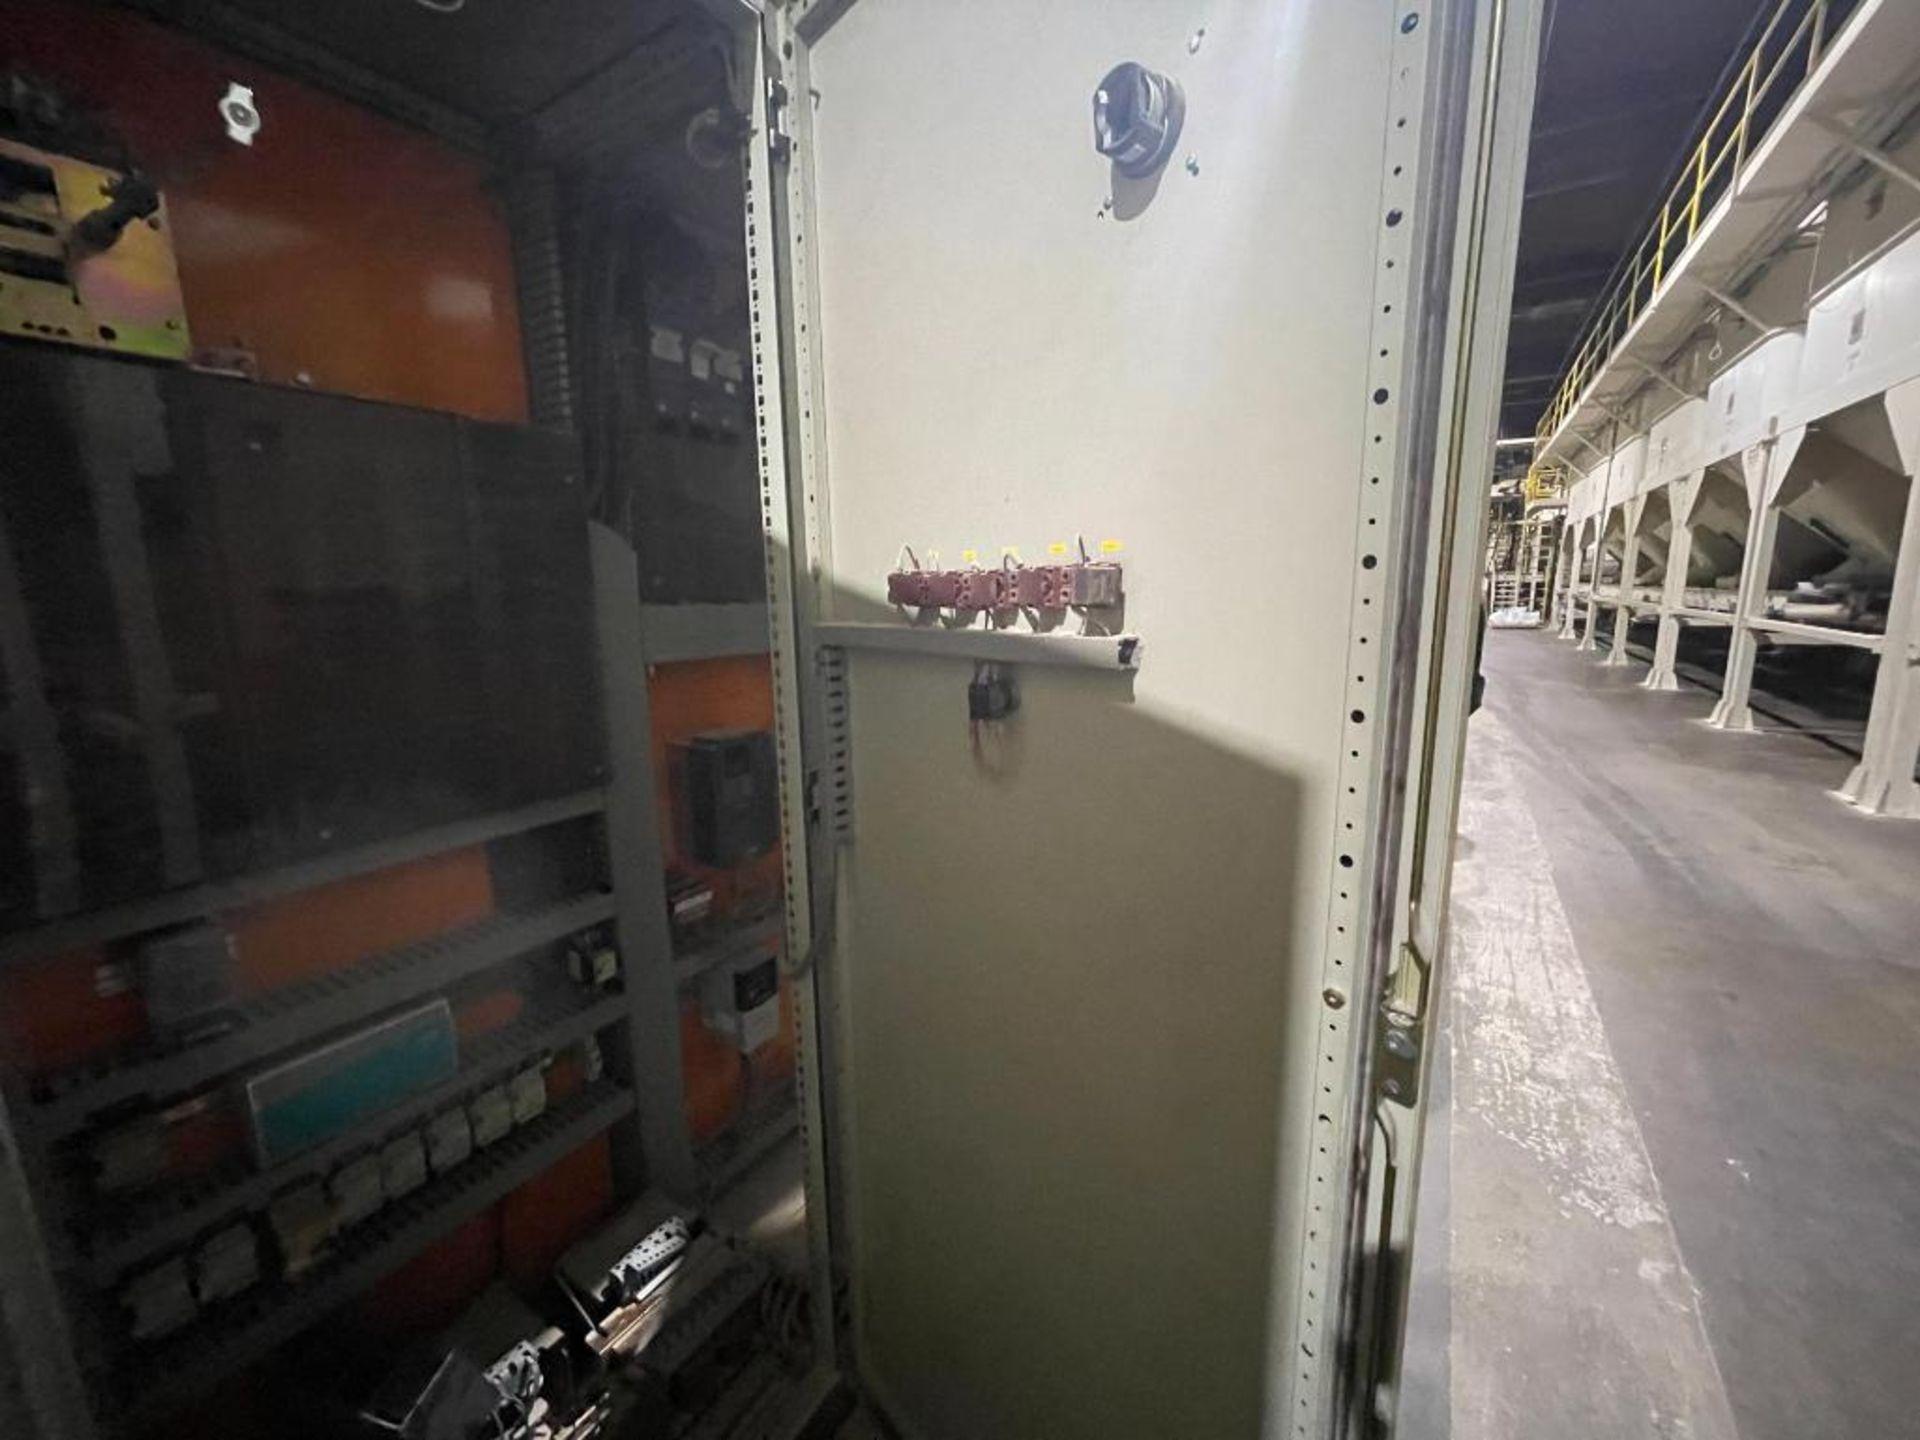 7-door mild steel air conditioned control cabinet, 5-VFD's - Image 14 of 43